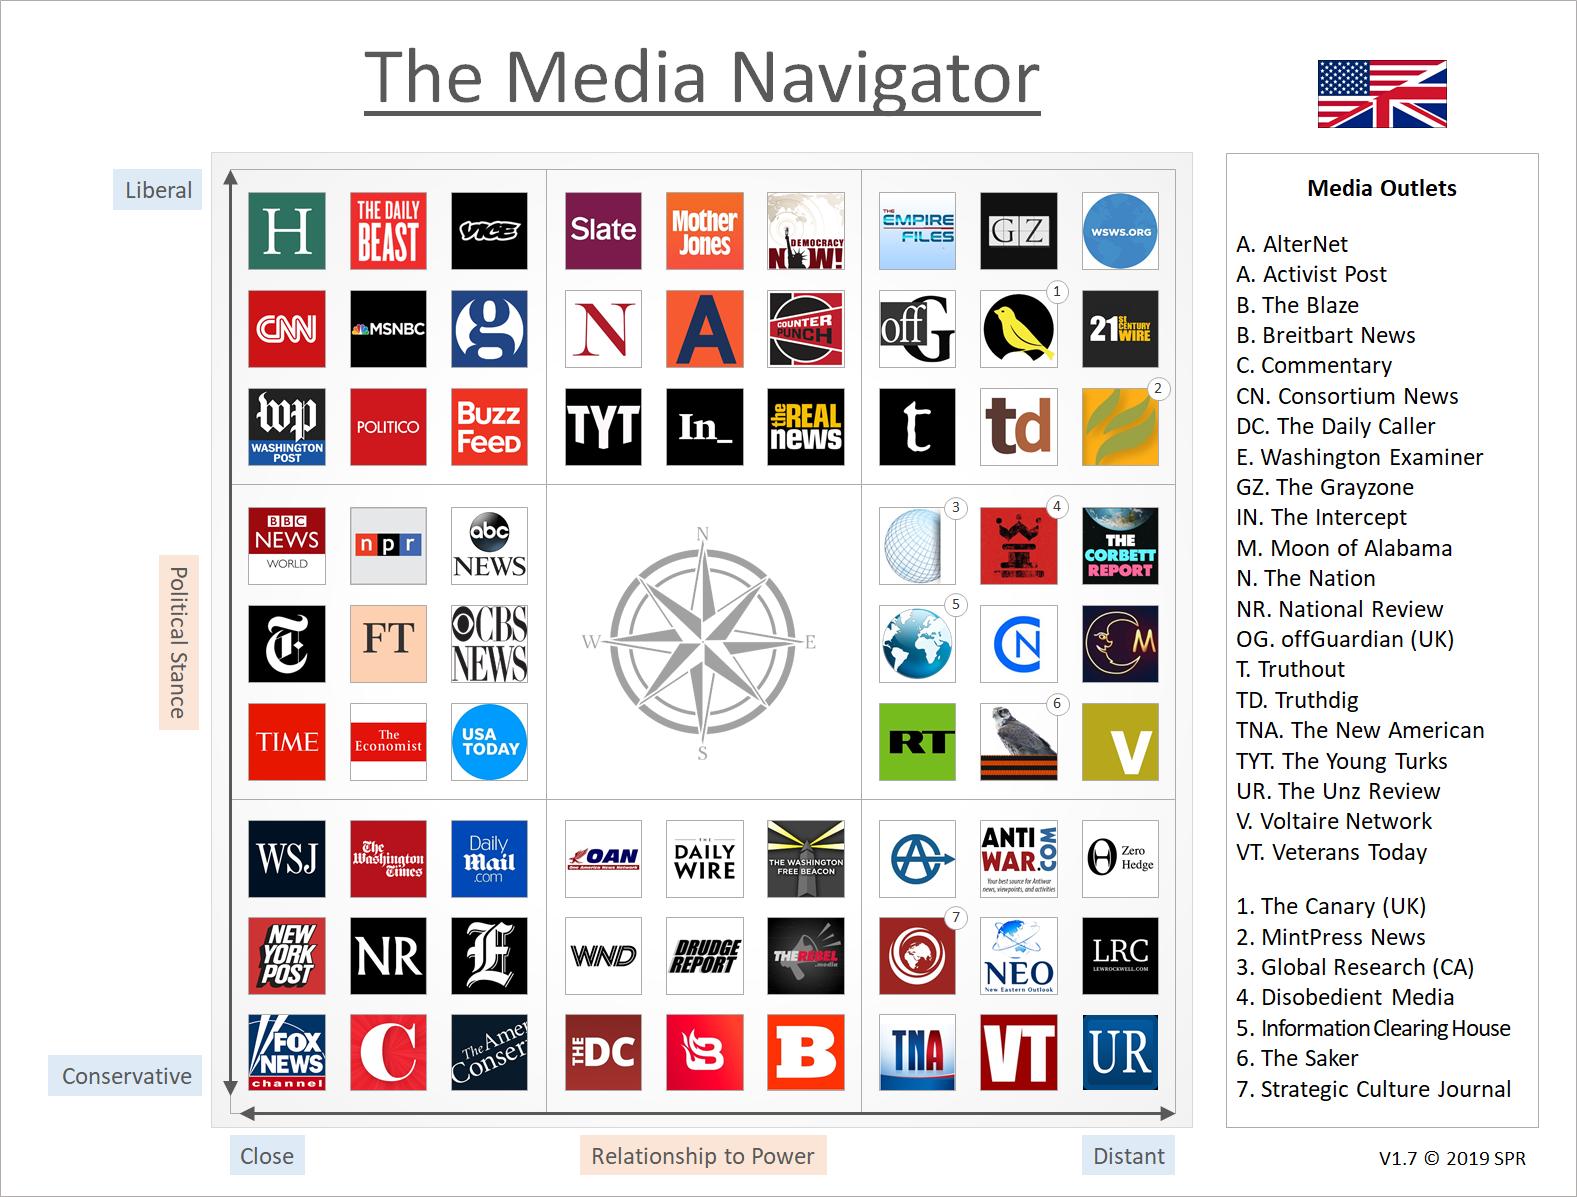 The Media Navigator